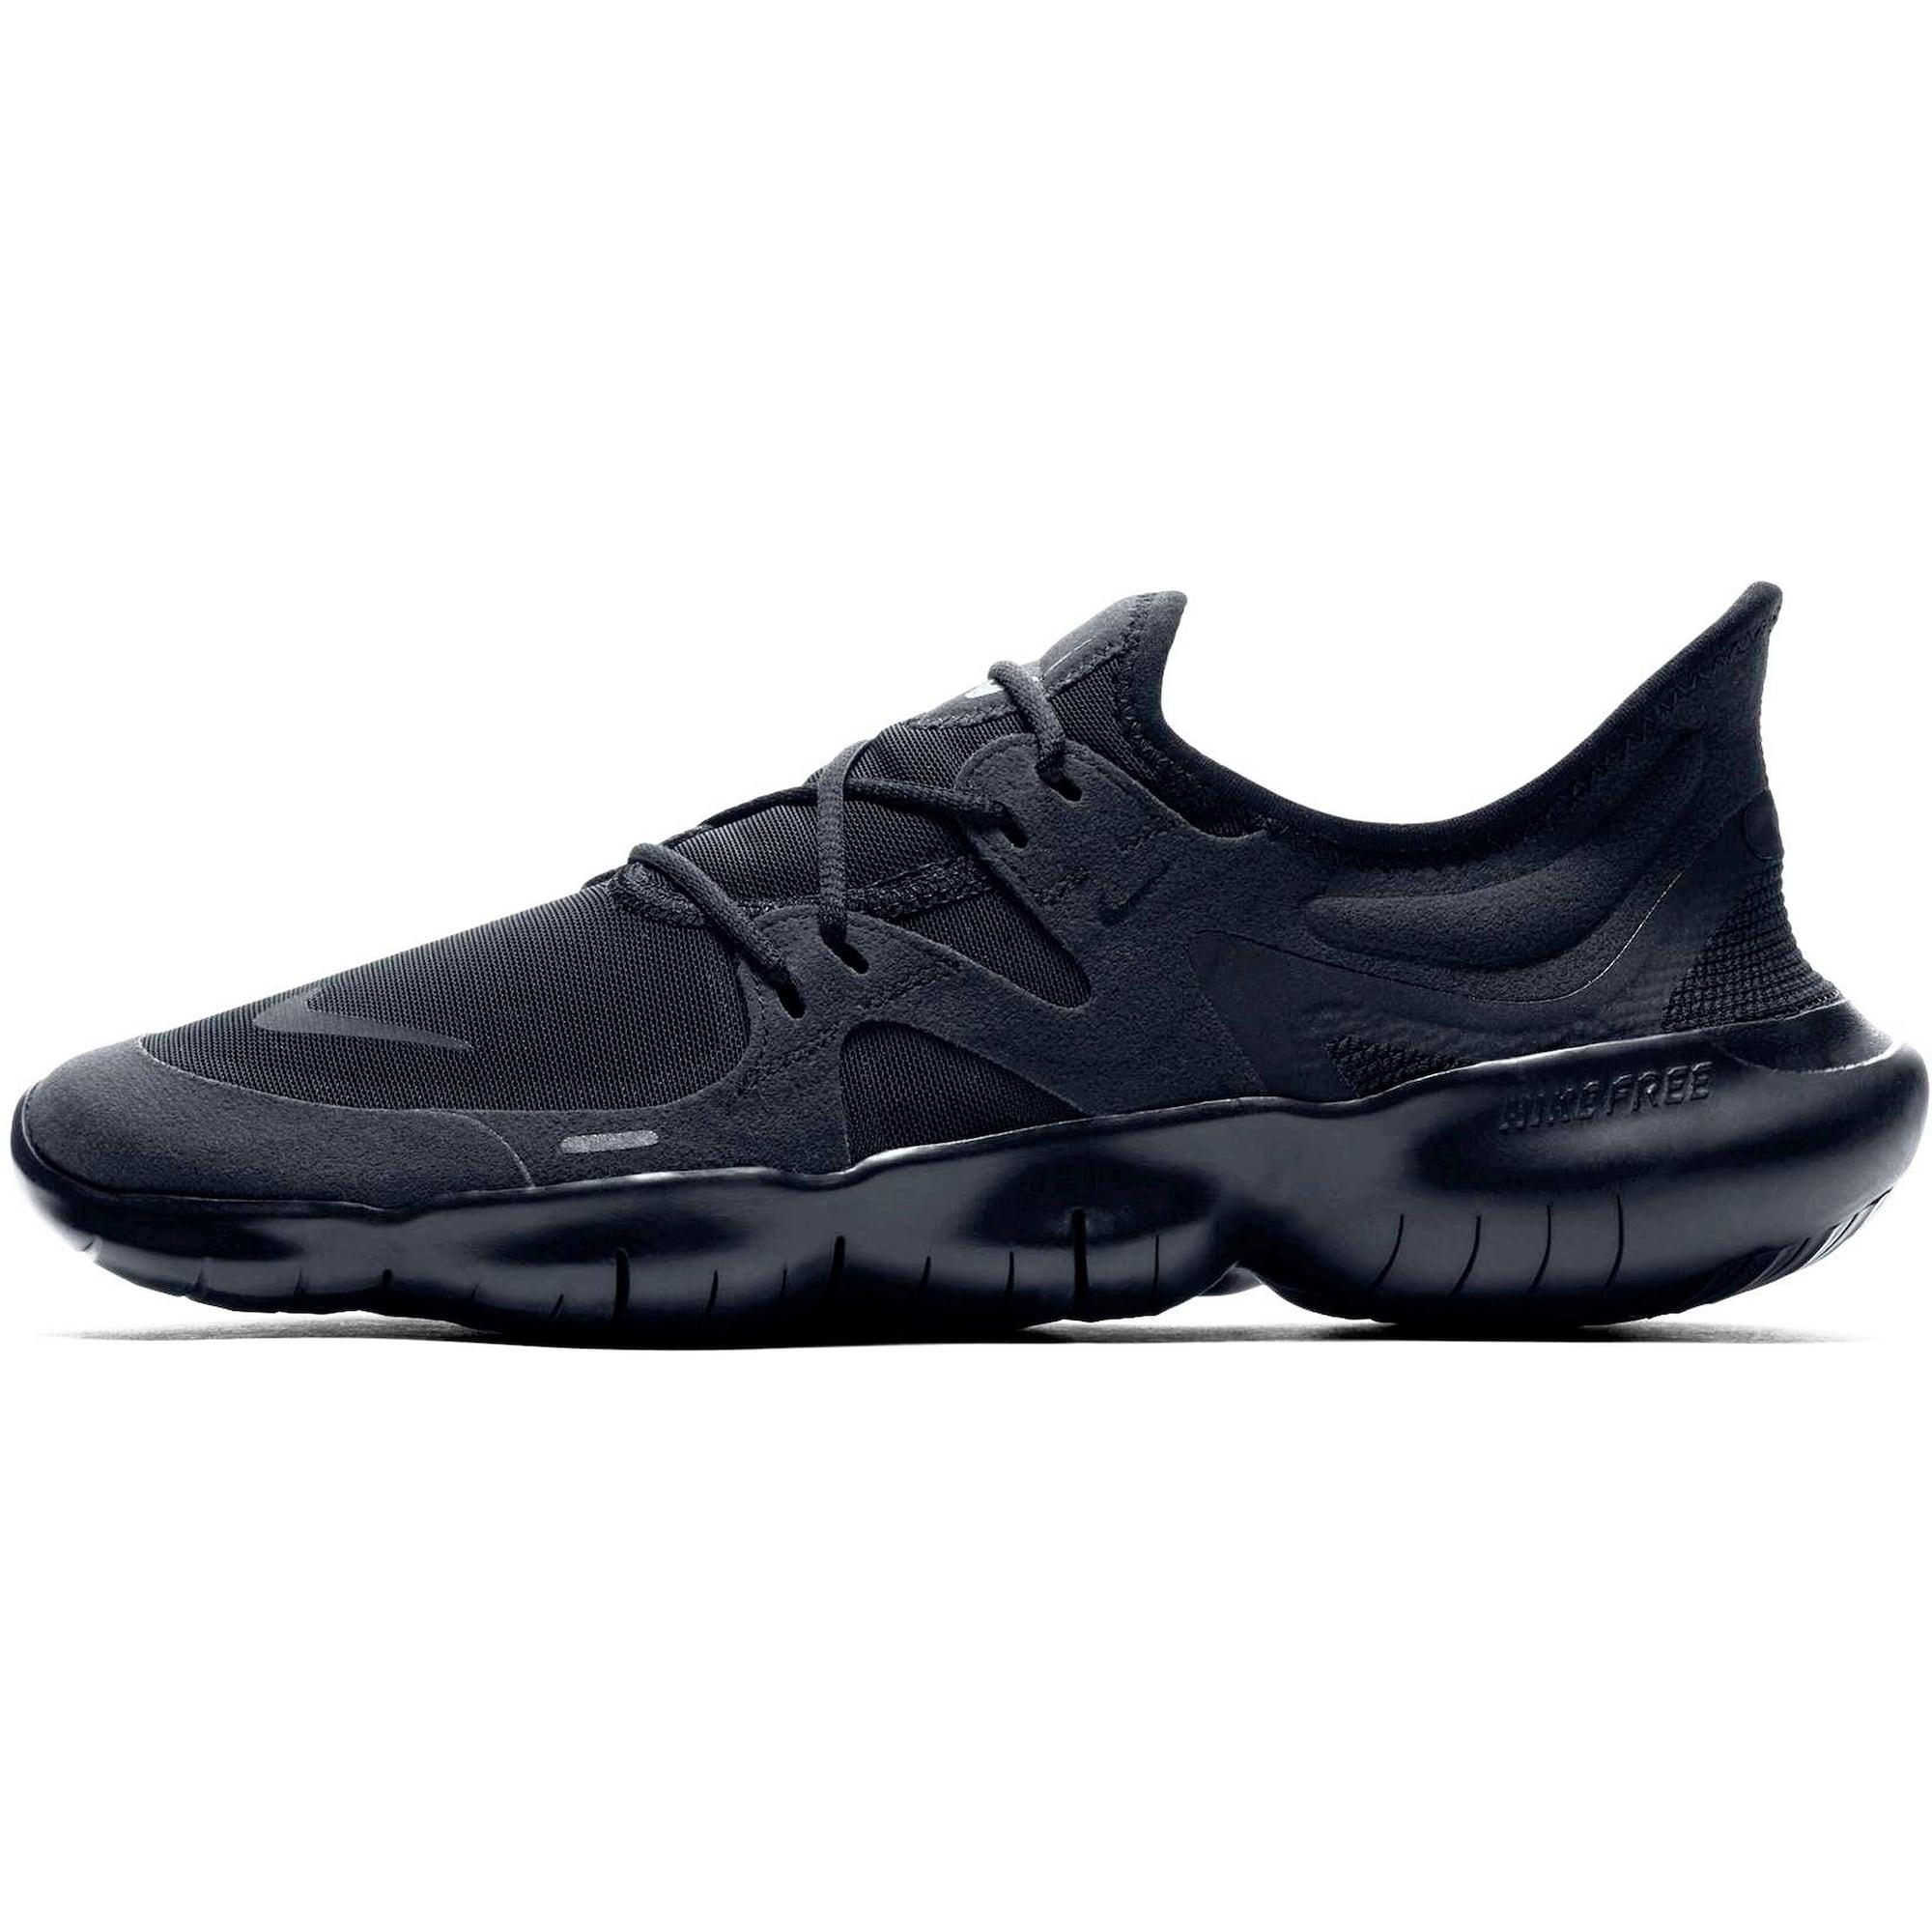 NIKE Bėgimo batai 'Free Run 5.0' juoda